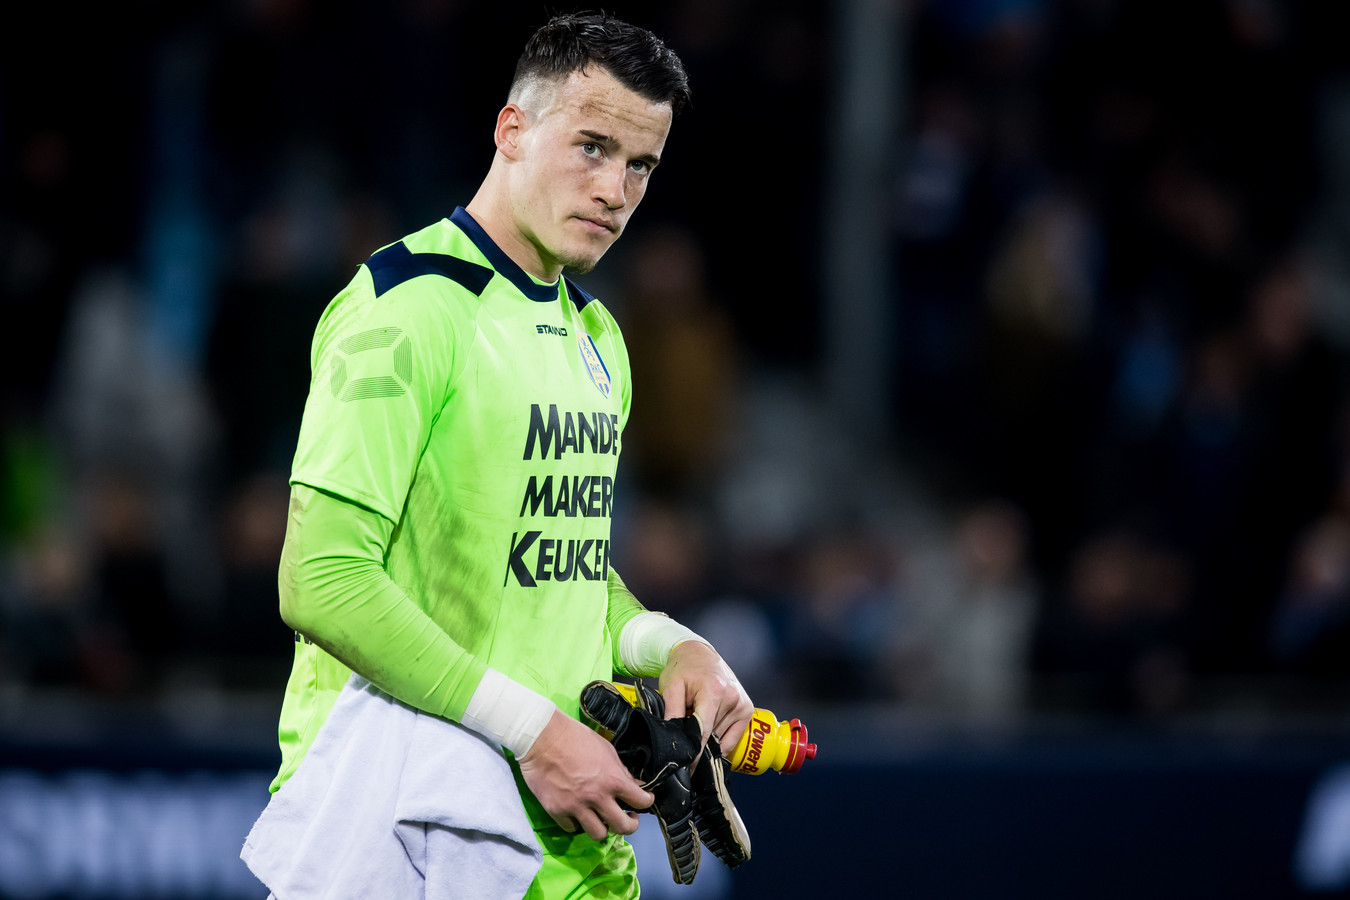 Etienne Vaessen staat langer onder contract bij RKC Waalwijk.